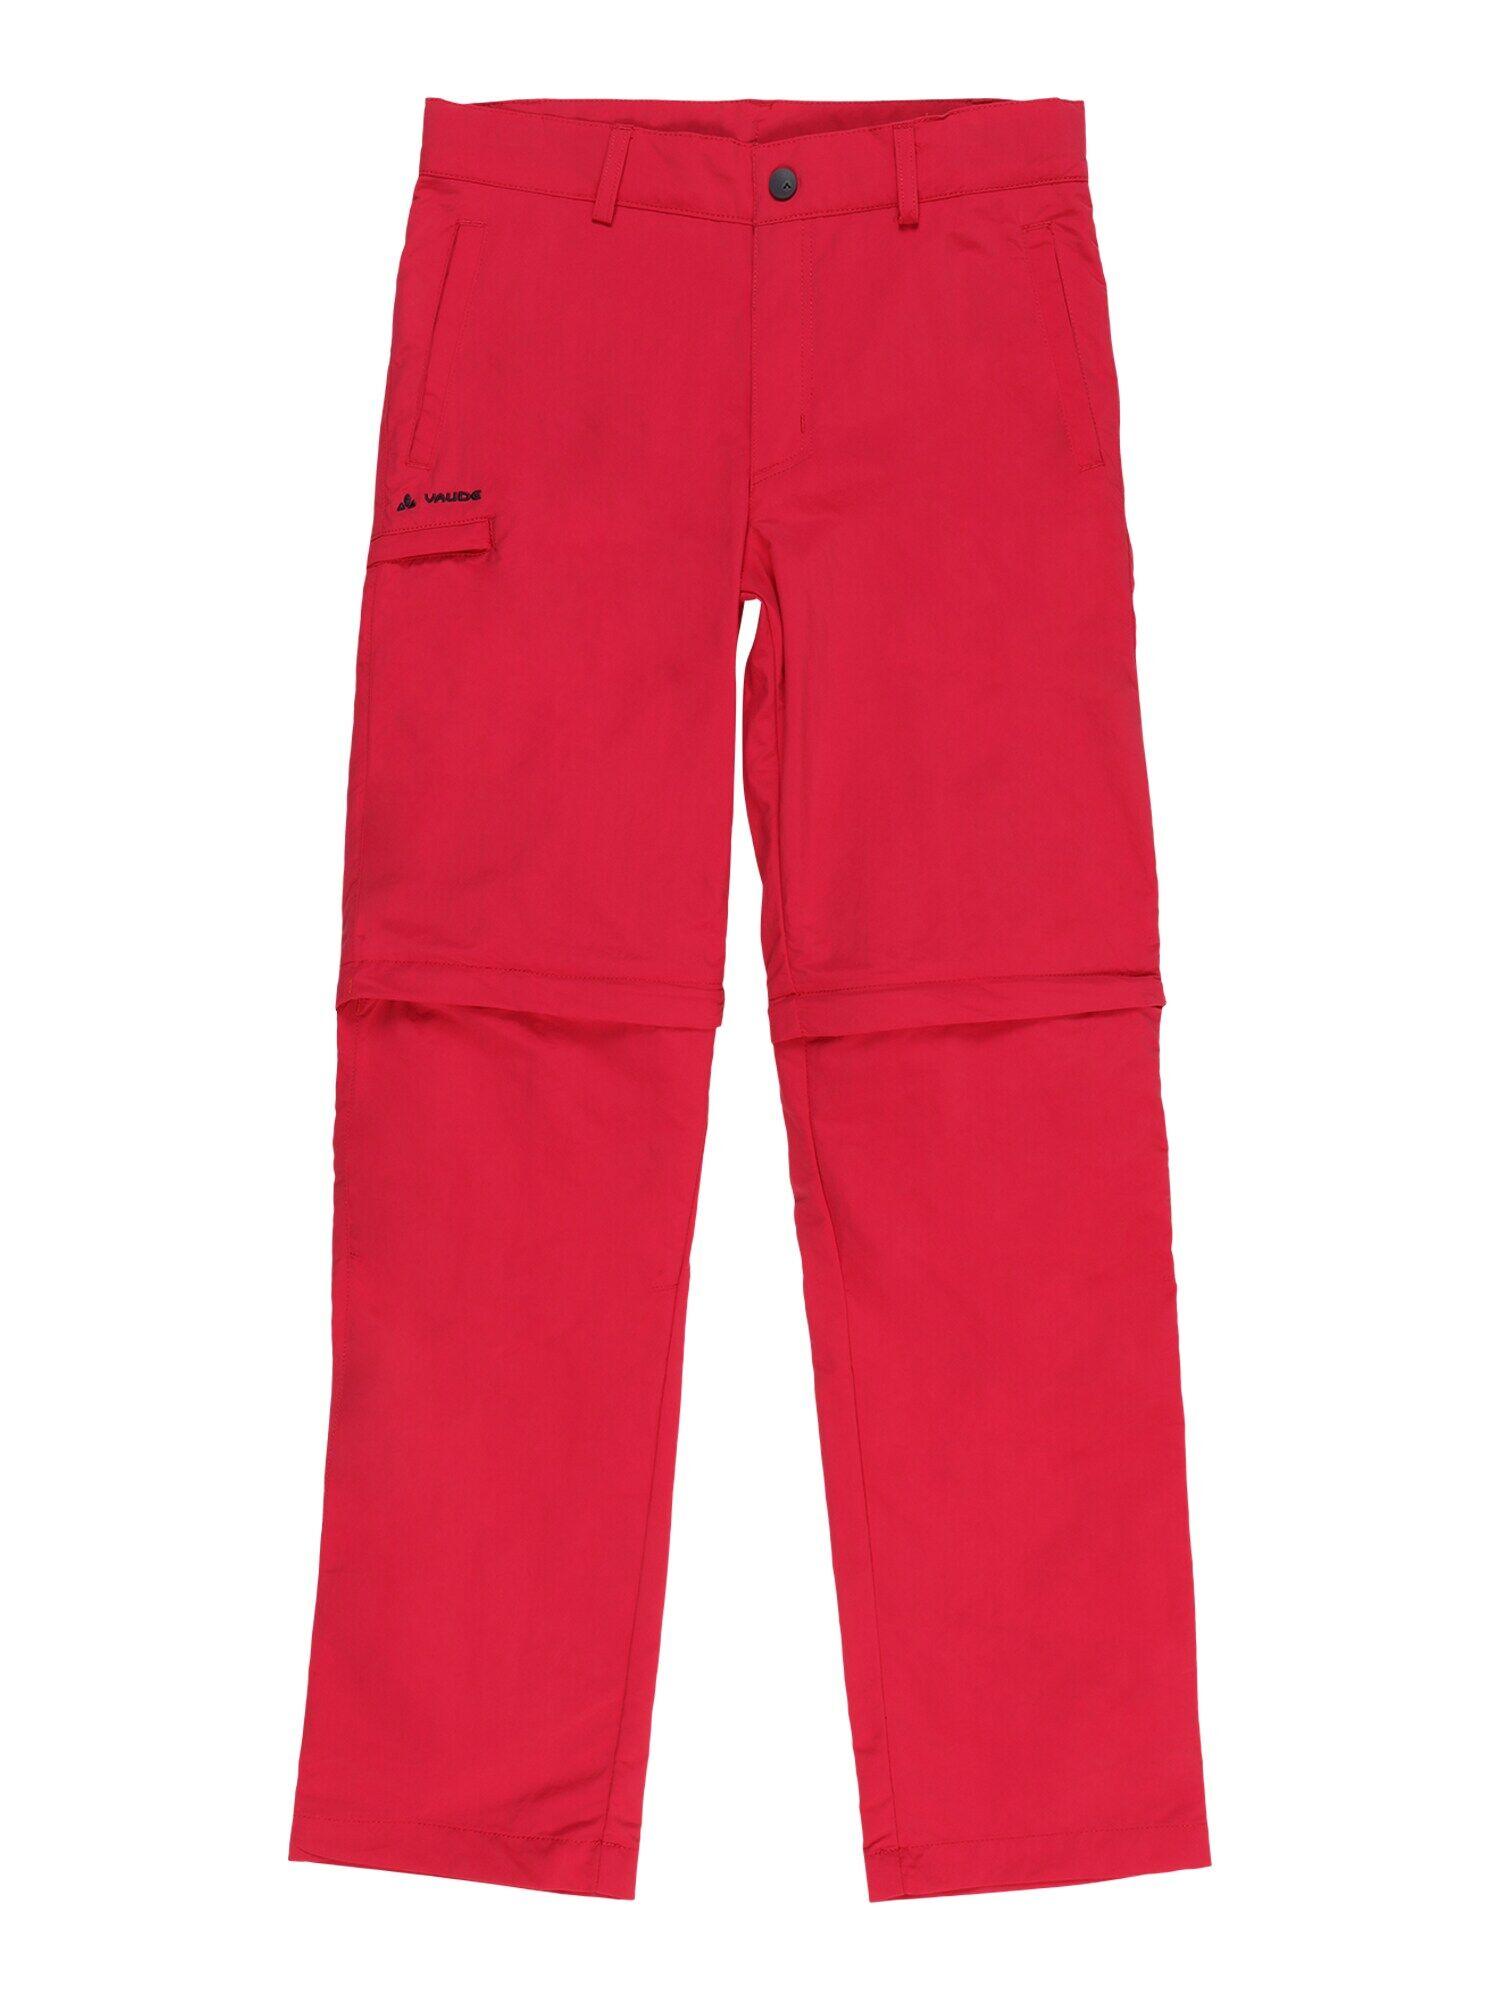 VAUDE Pantalon d'extérieur 'Detective'  - Rouge - Taille: 104 - boy